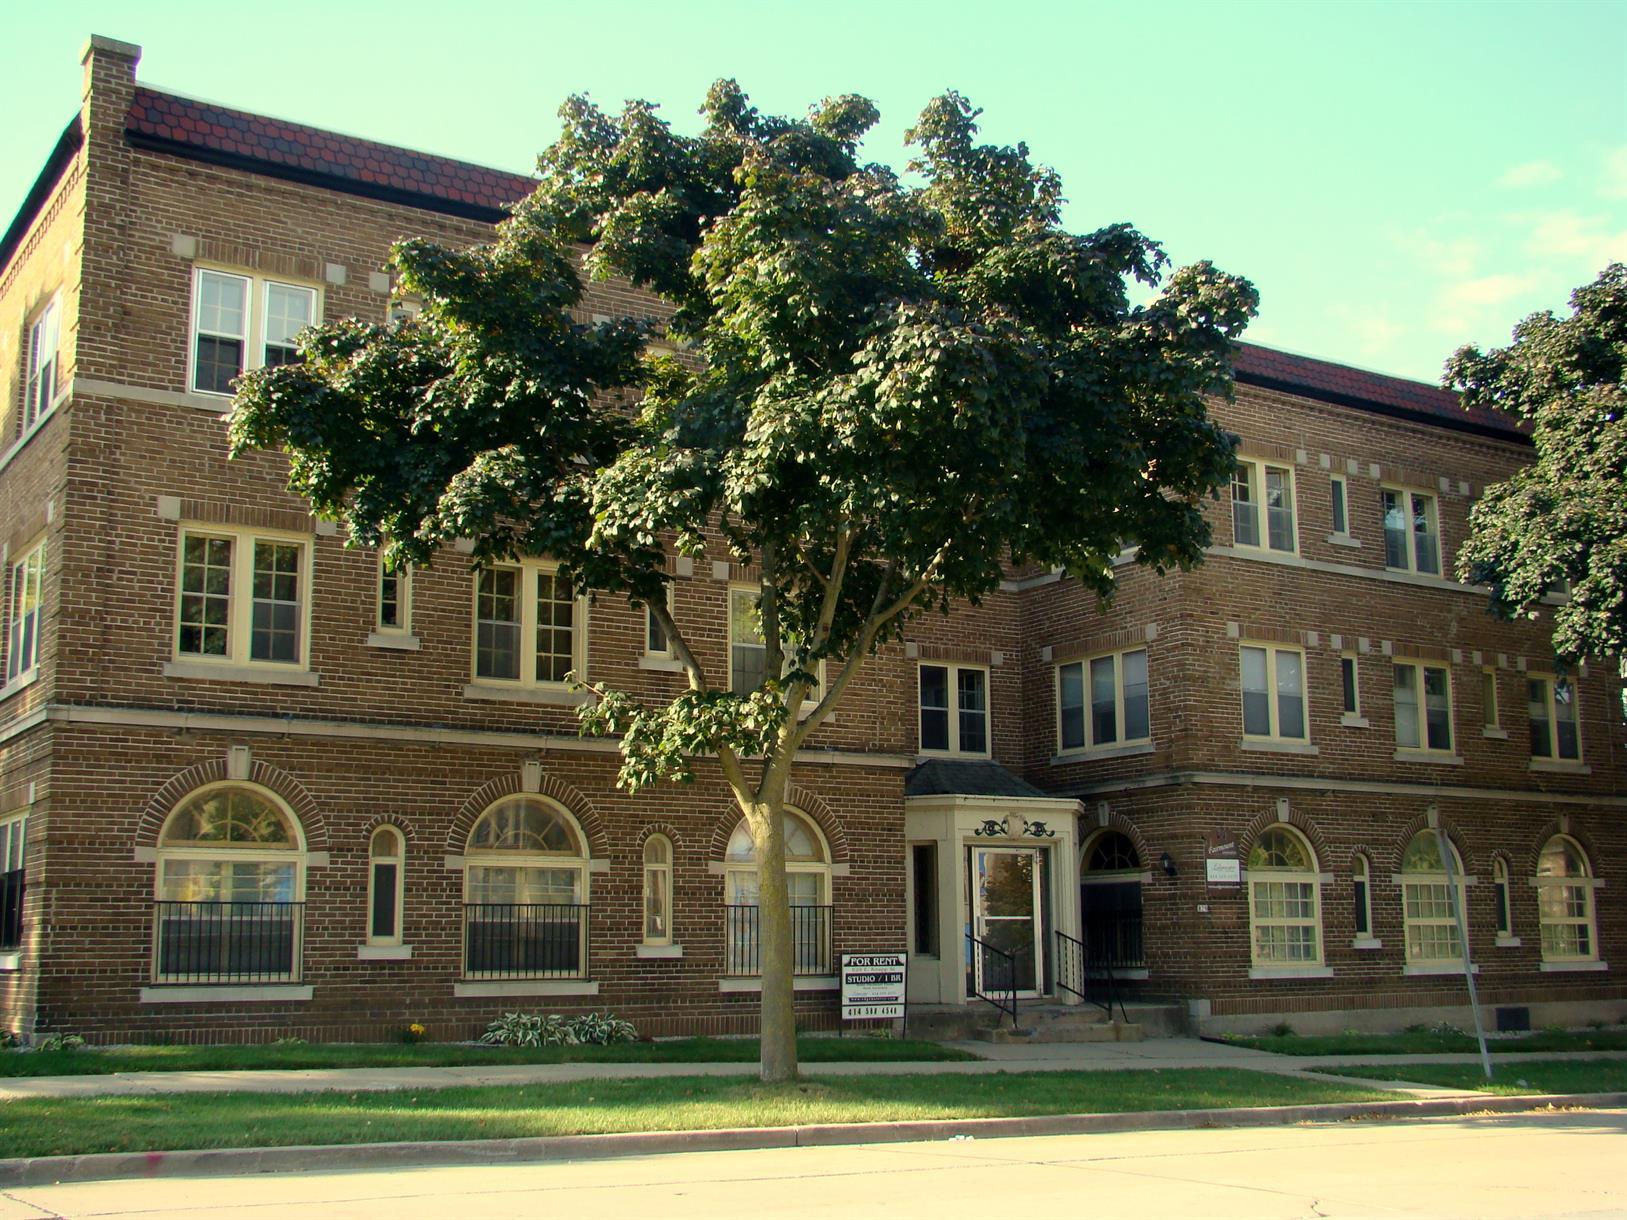 829 E. Knapp St.